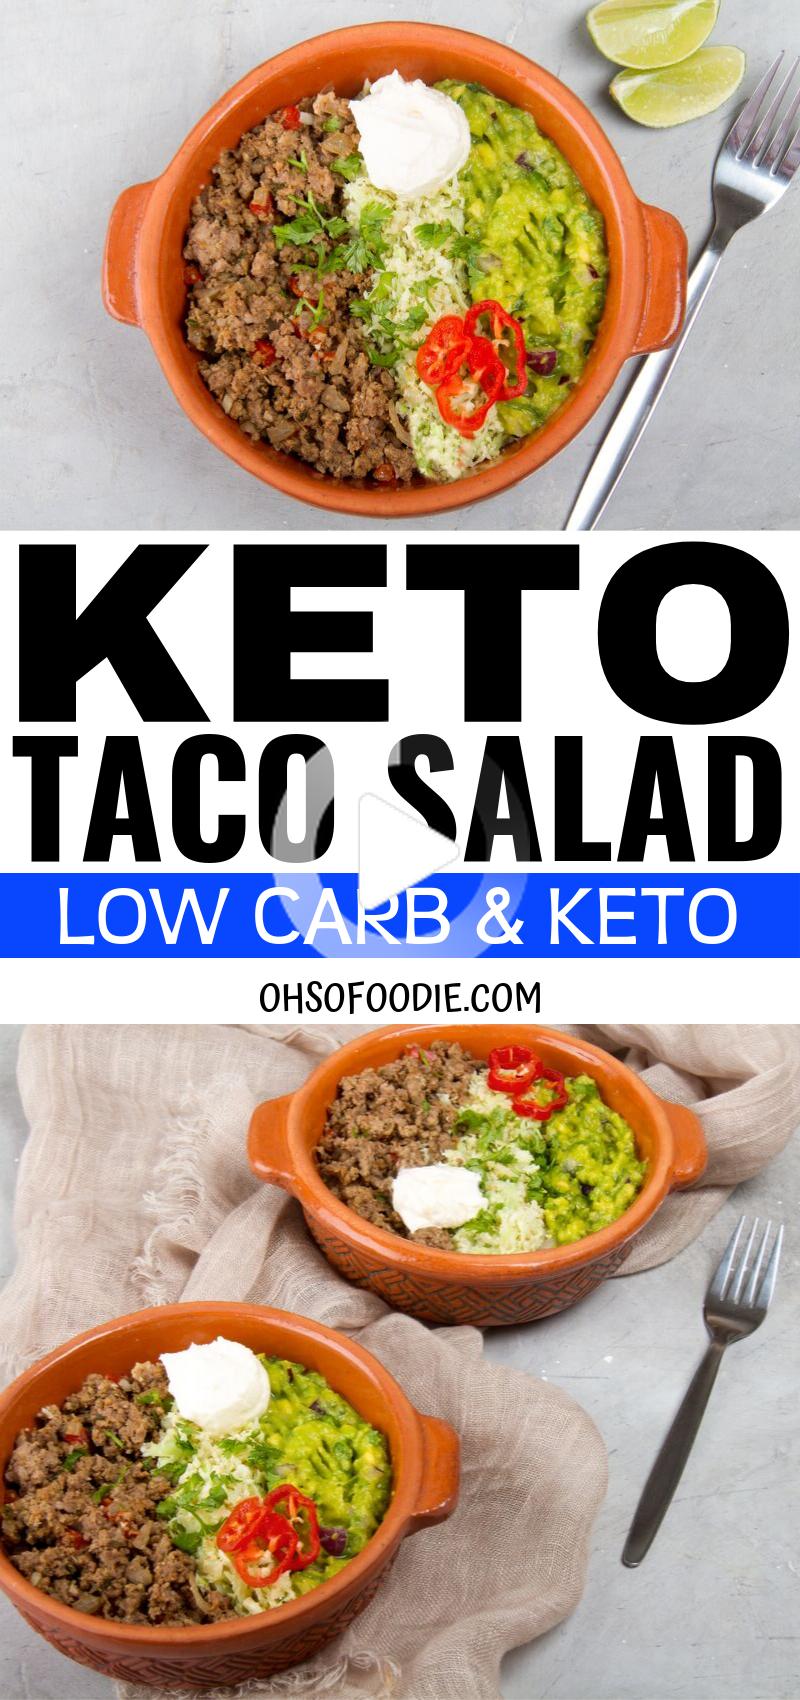 Keto Tacosalat Fur Den Schnellen Fettabbau Ich Bin So Froh Dass Ich Diese Einfach Low Carb Taco In 2020 Low Carb Taco Salad Keto Taco Salad Low Carb Tacos